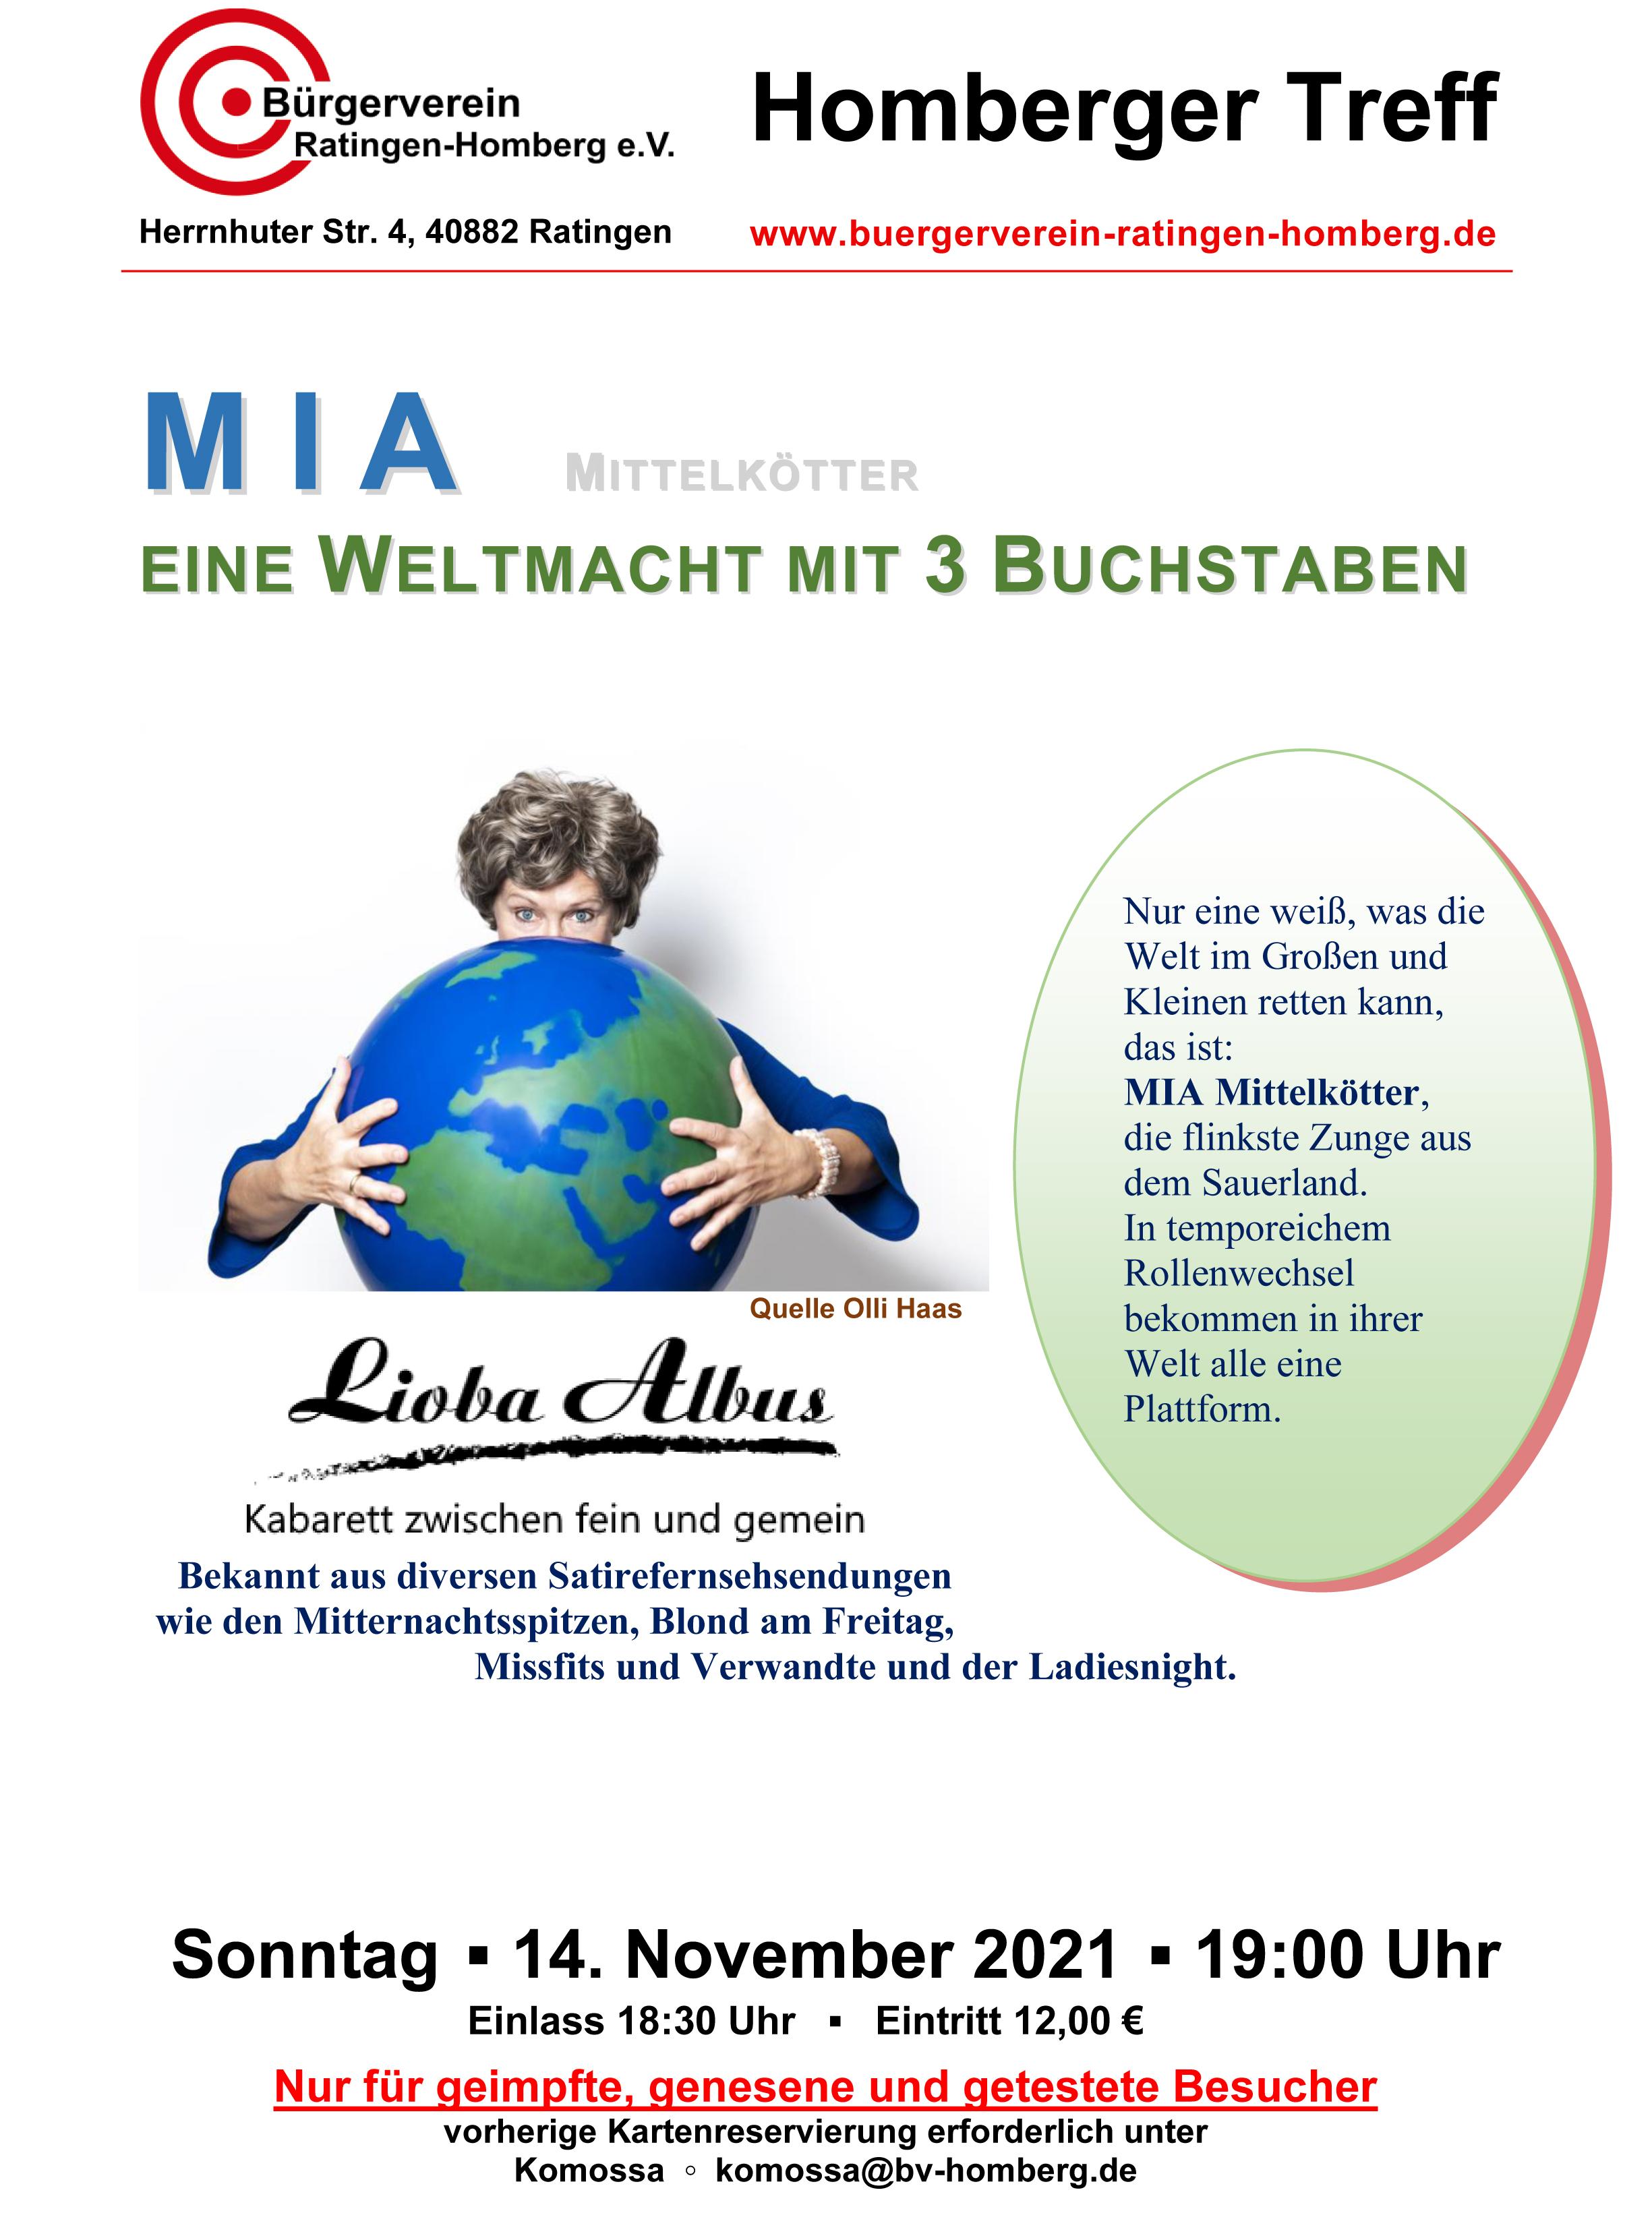 MIA - EINE WELTMACHT MIT 3 BUCHSTABEN mit Lioba Albus